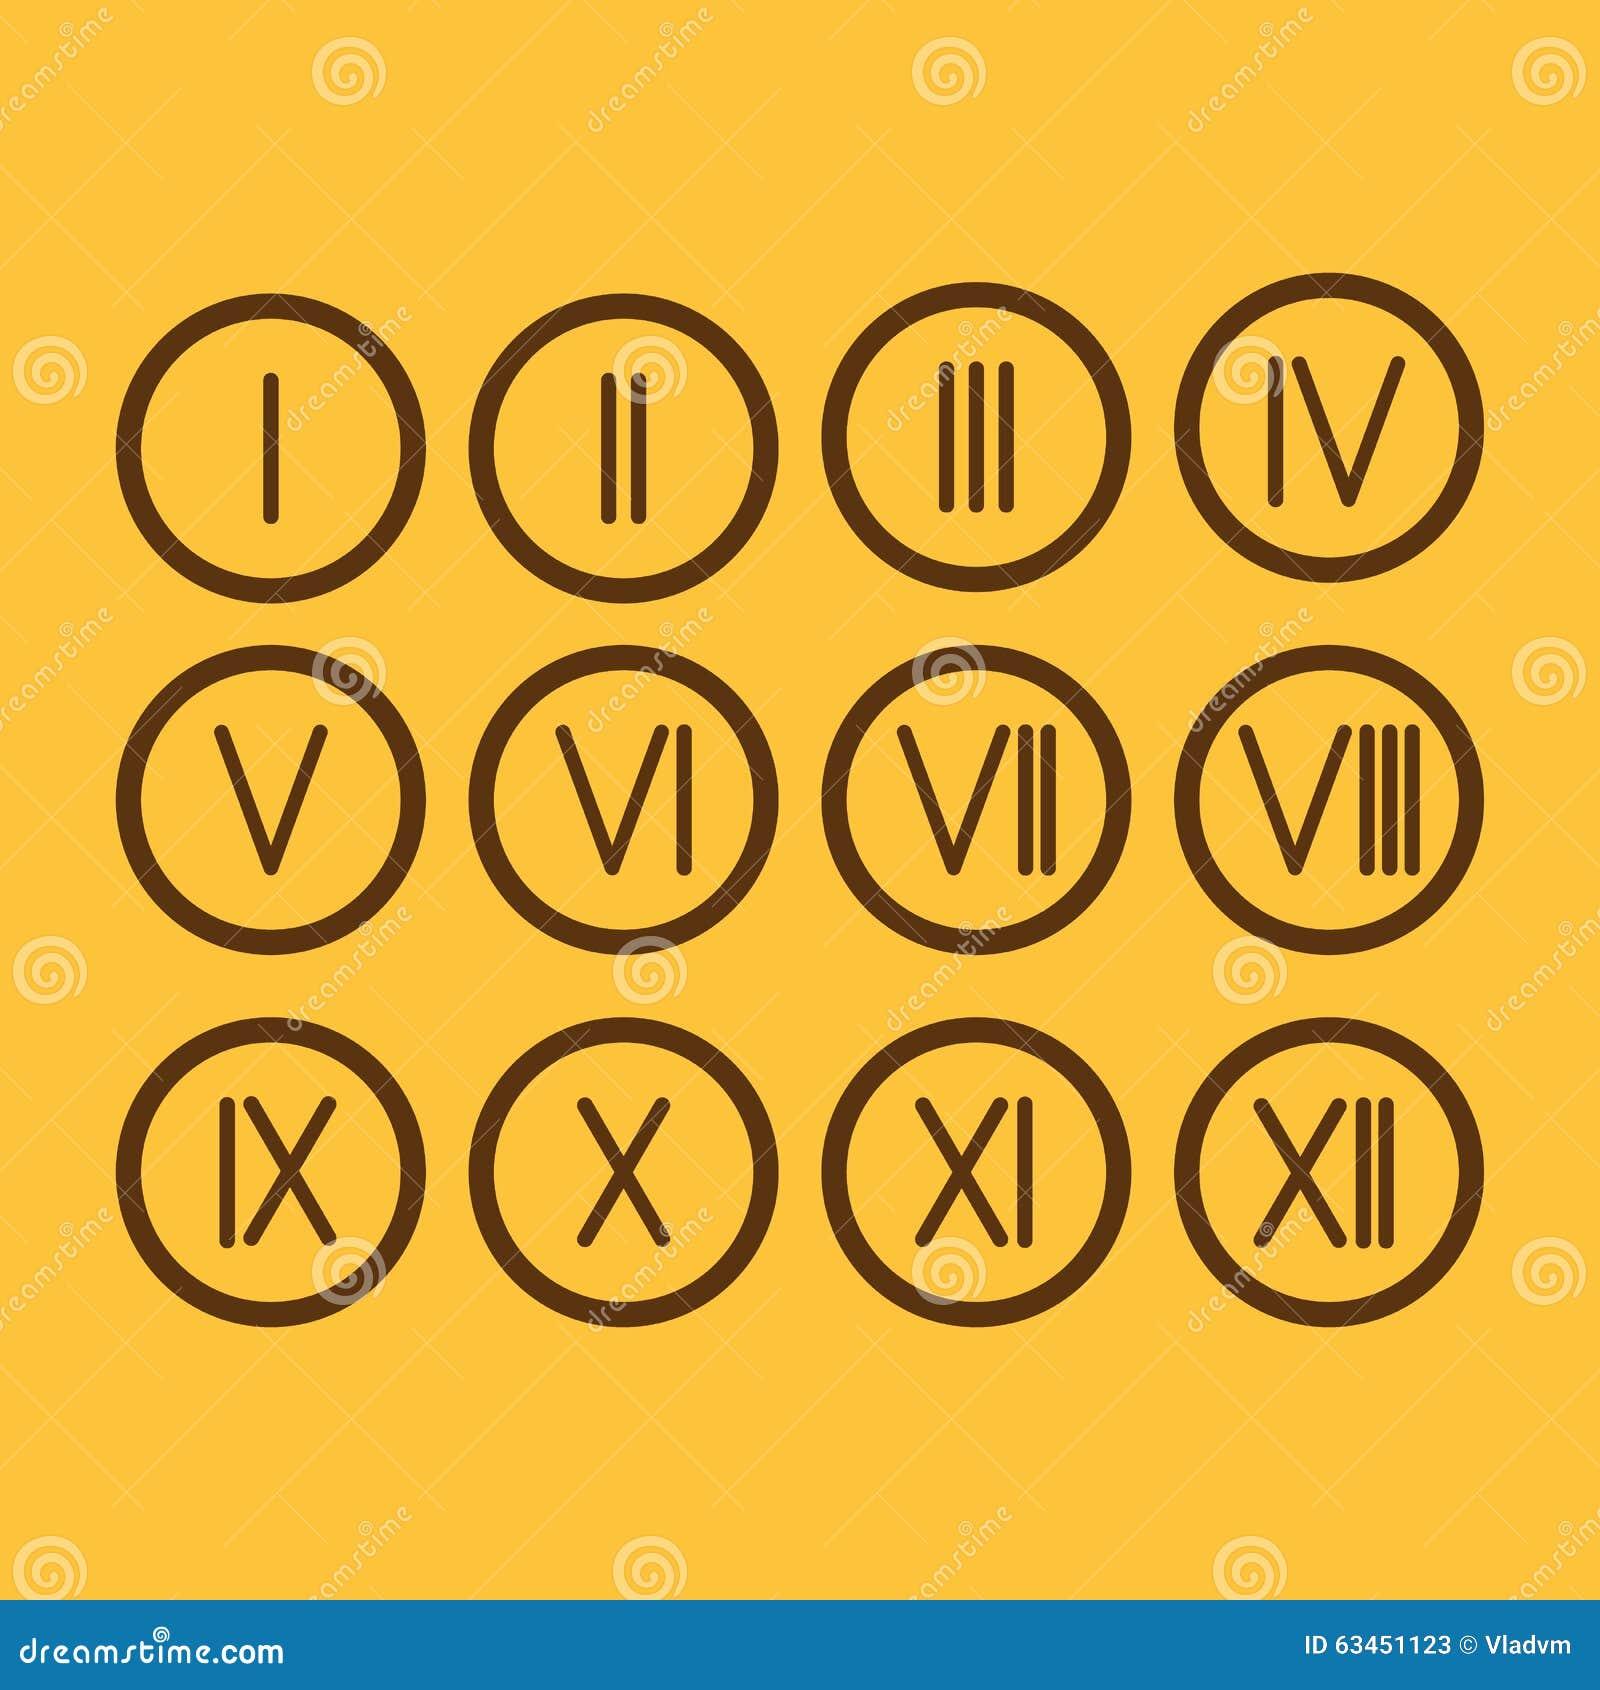 Icono Determinado De Los Números Romanos 1 12 Stock De Ilustración